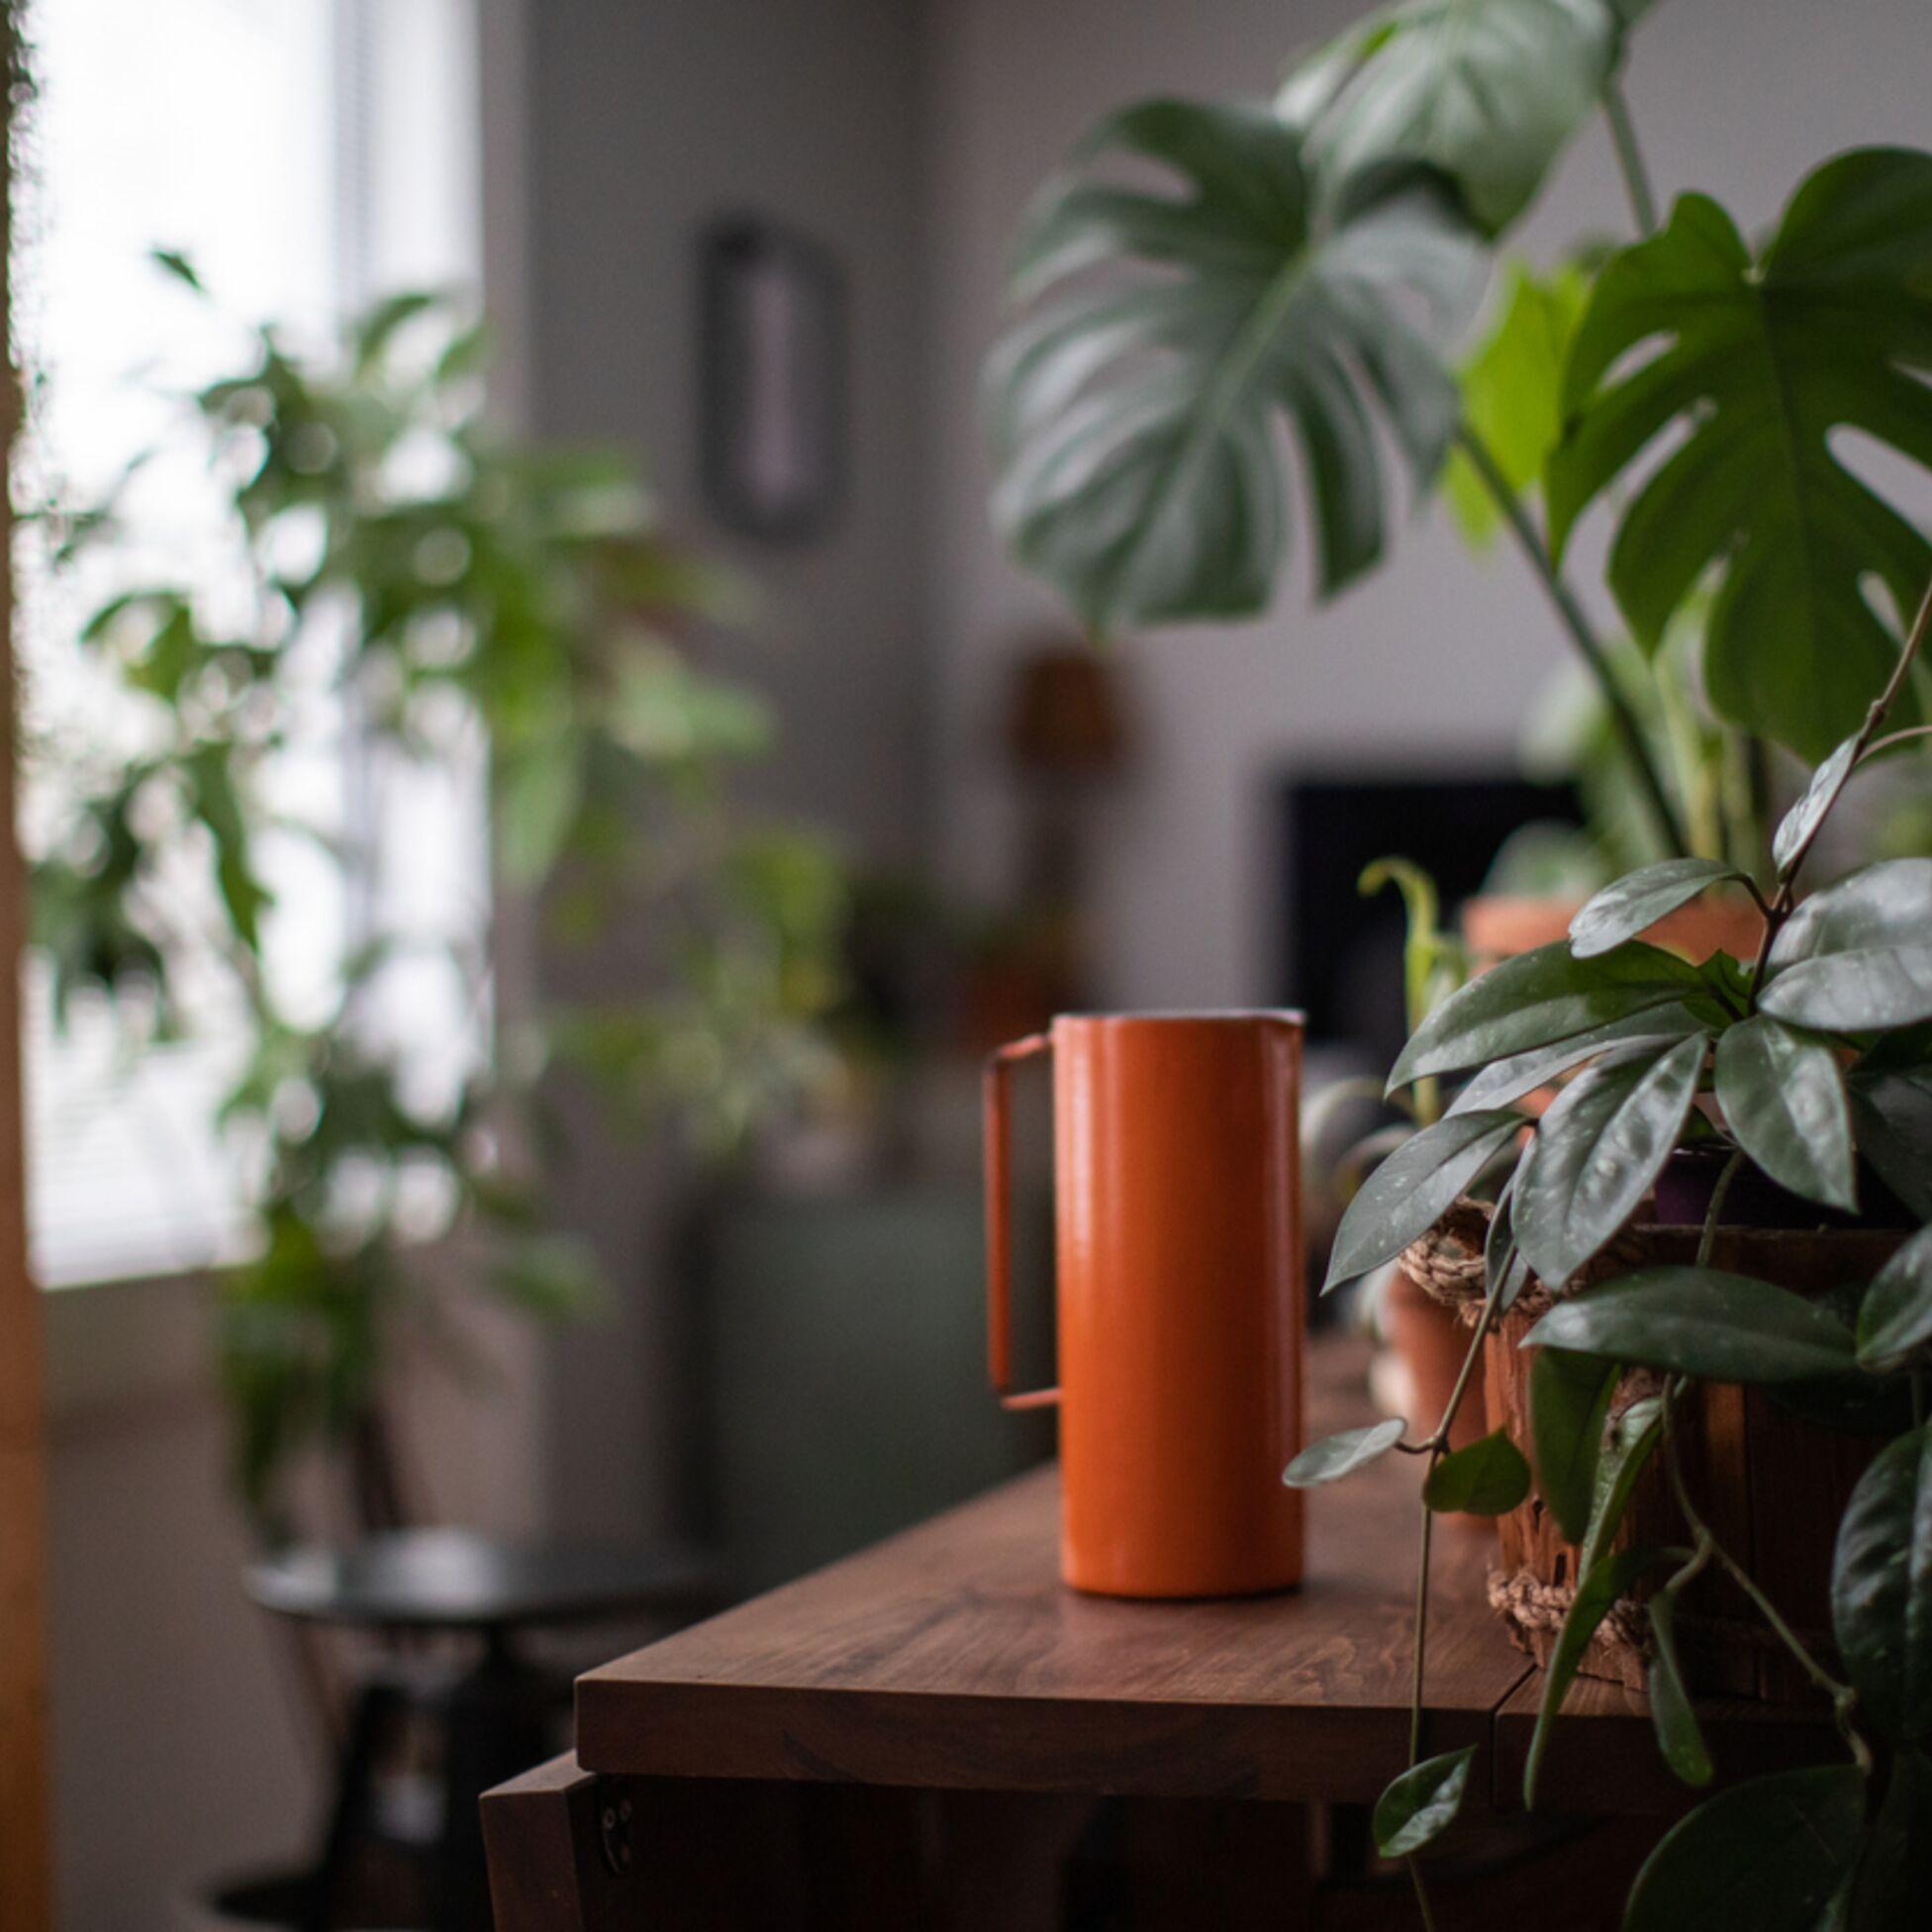 Raum mit Zimmerpflanzen, die wenig Licht brauchen